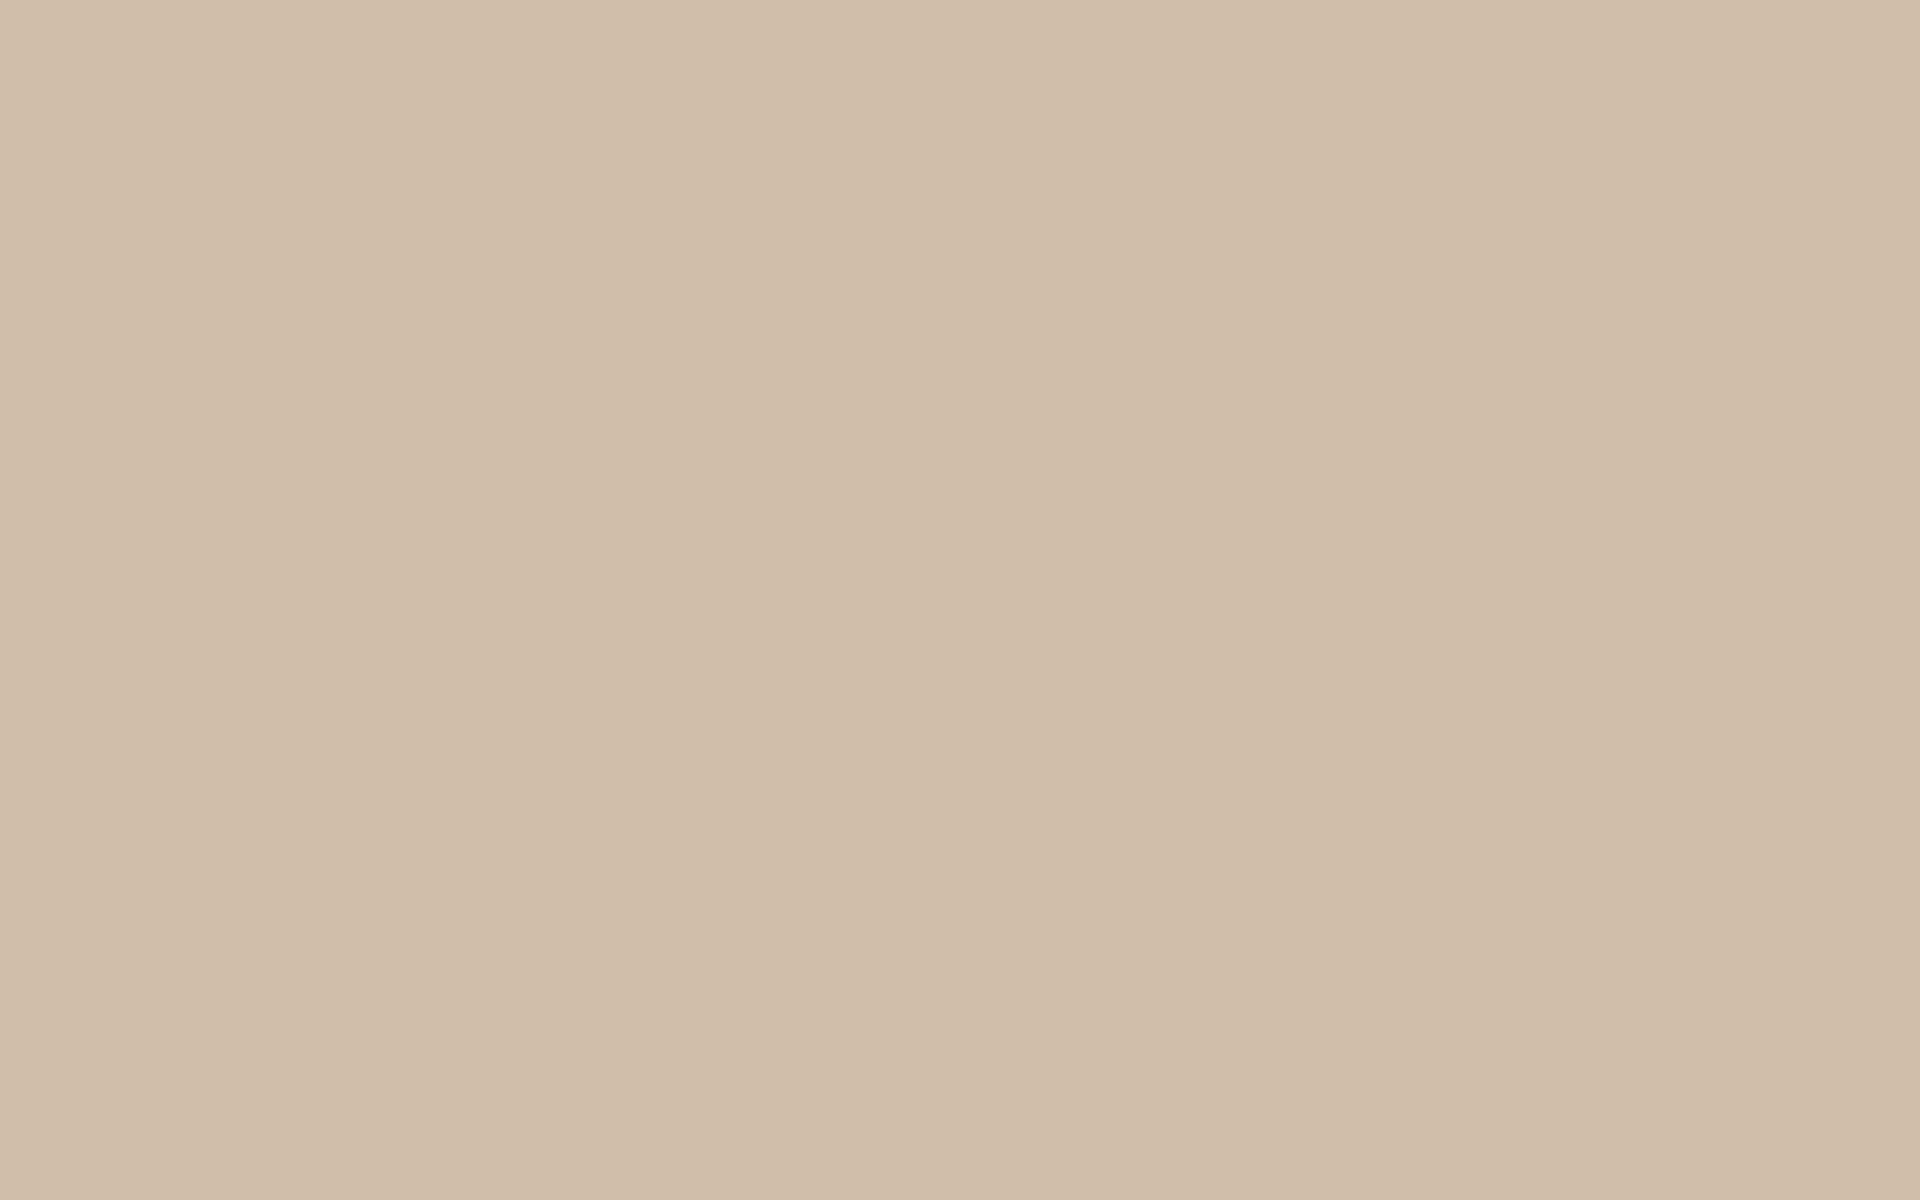 1920x1200 Dark Vanilla Solid Color Background